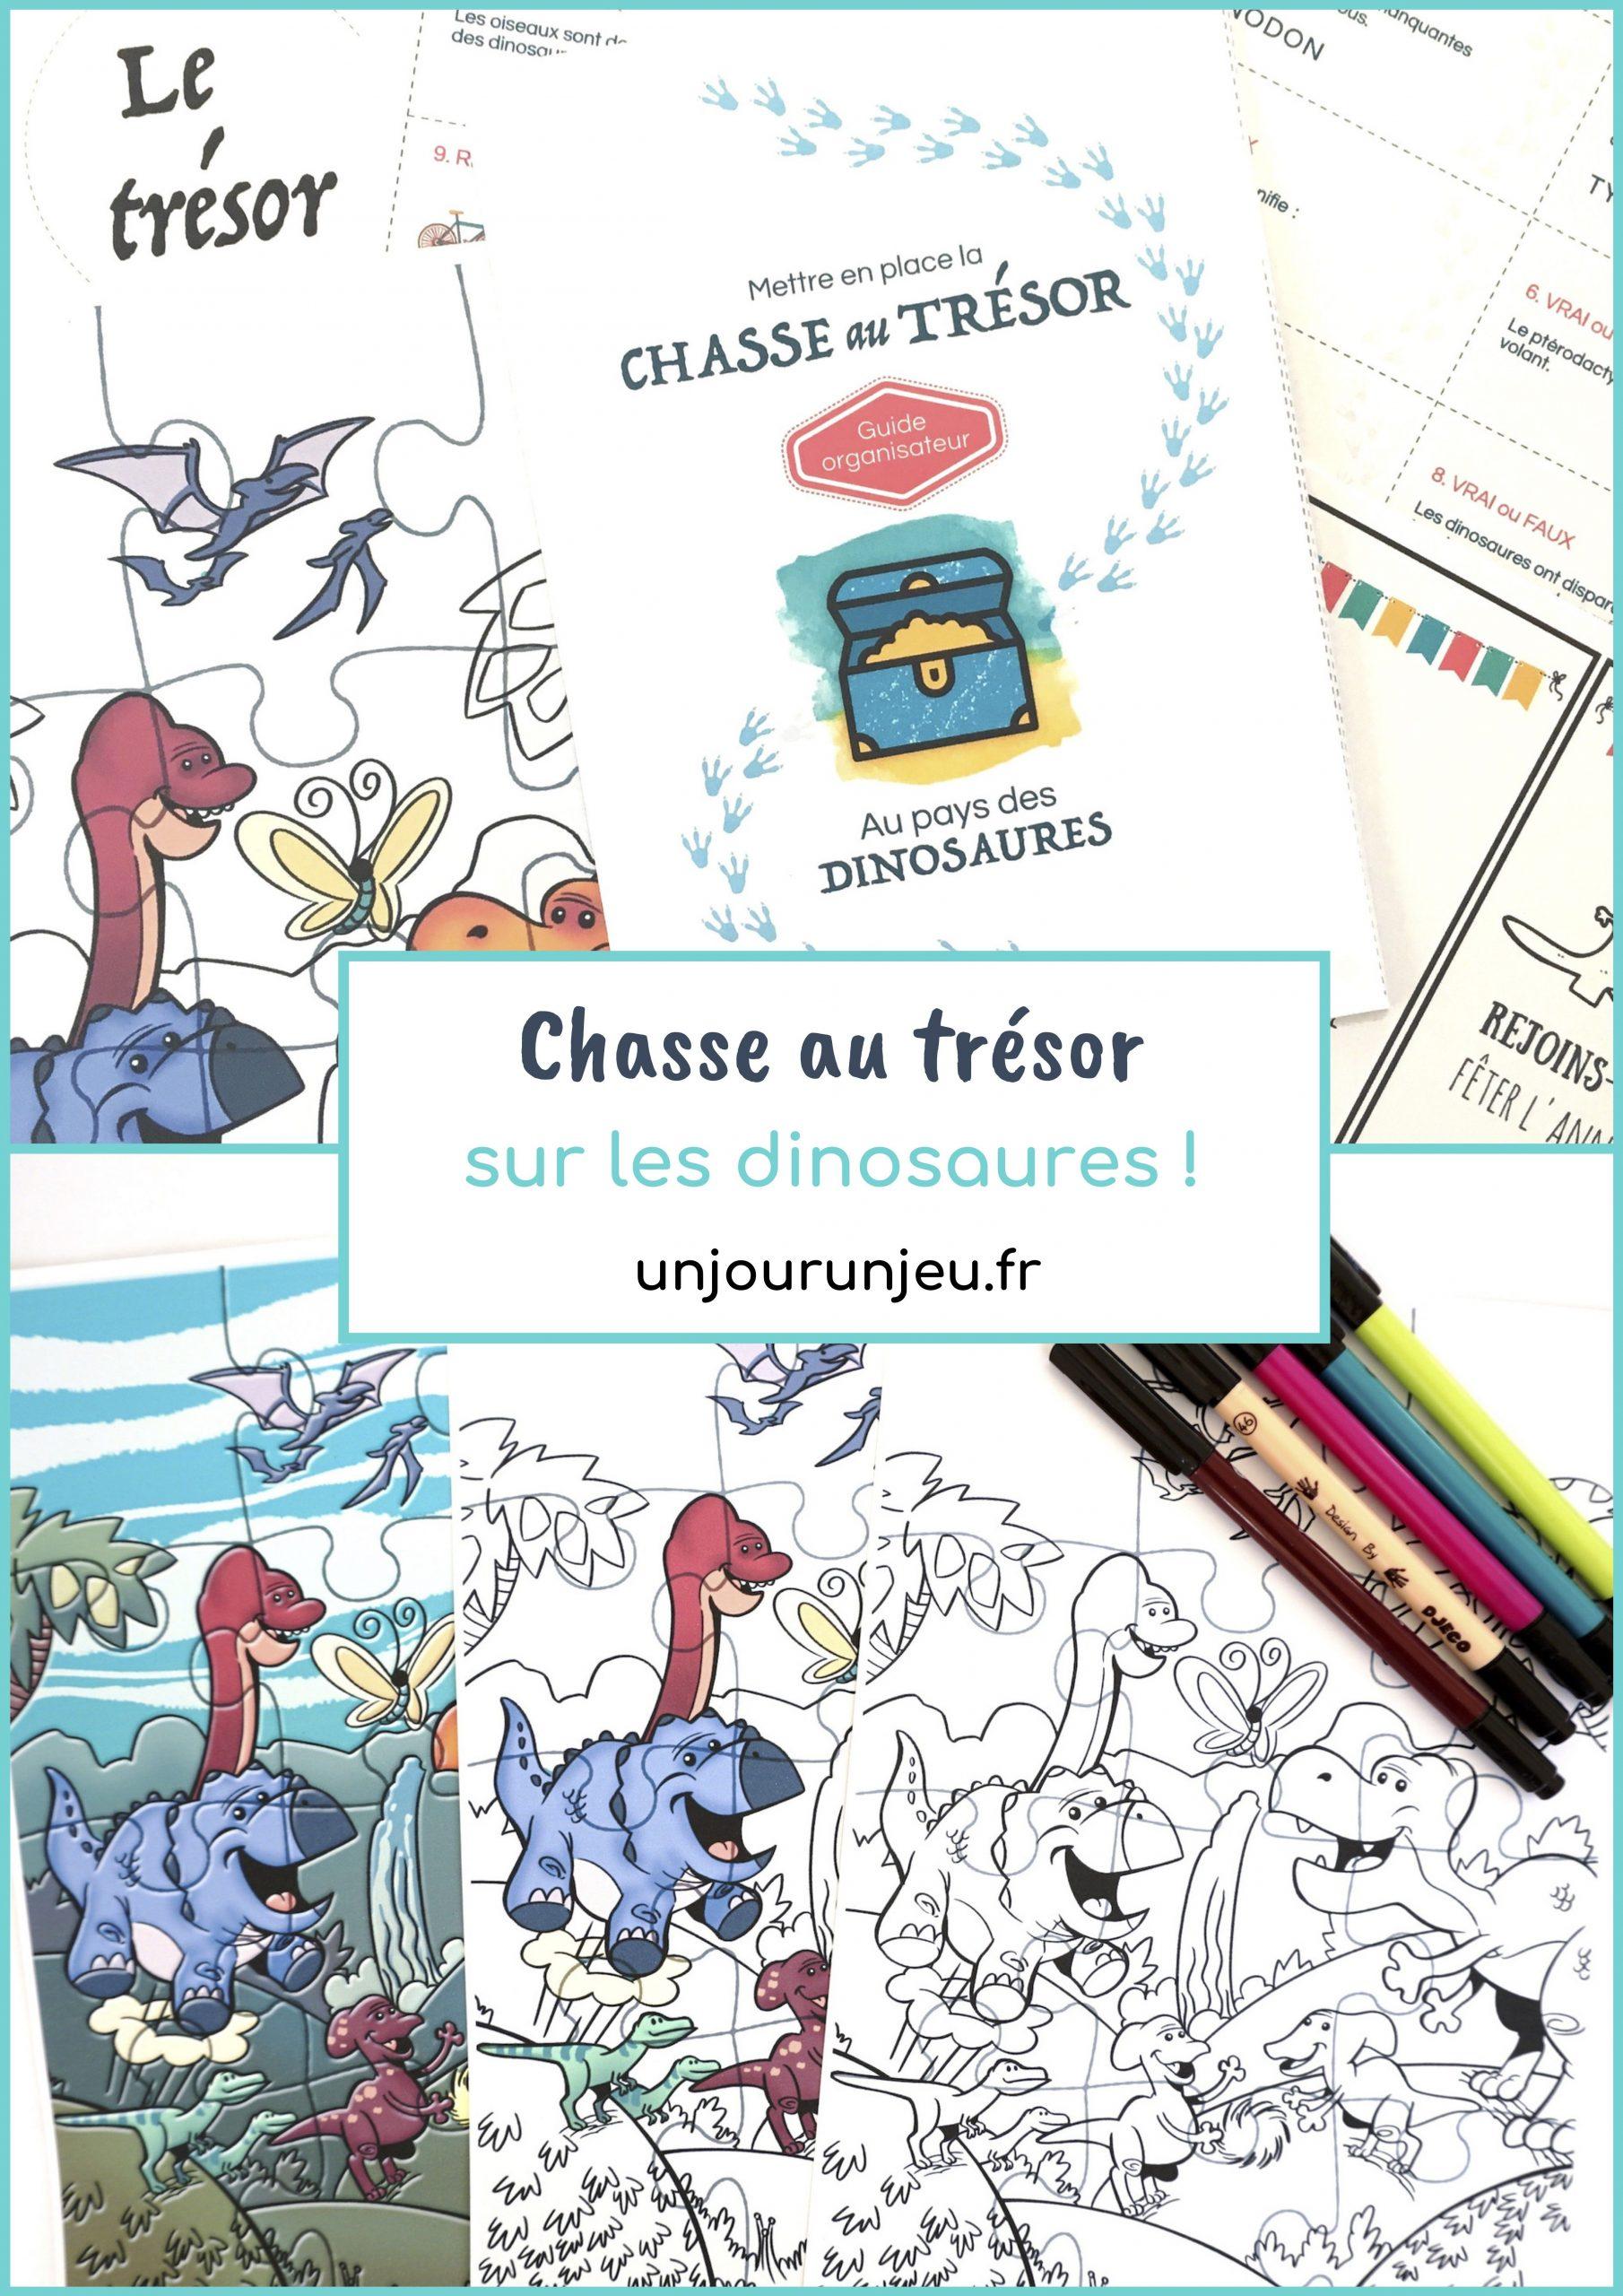 Chasse Au Trésor À Imprimer Immédiatement Sur Les Dinosaures destiné Jeu Garcon 4 Ans Gratuit